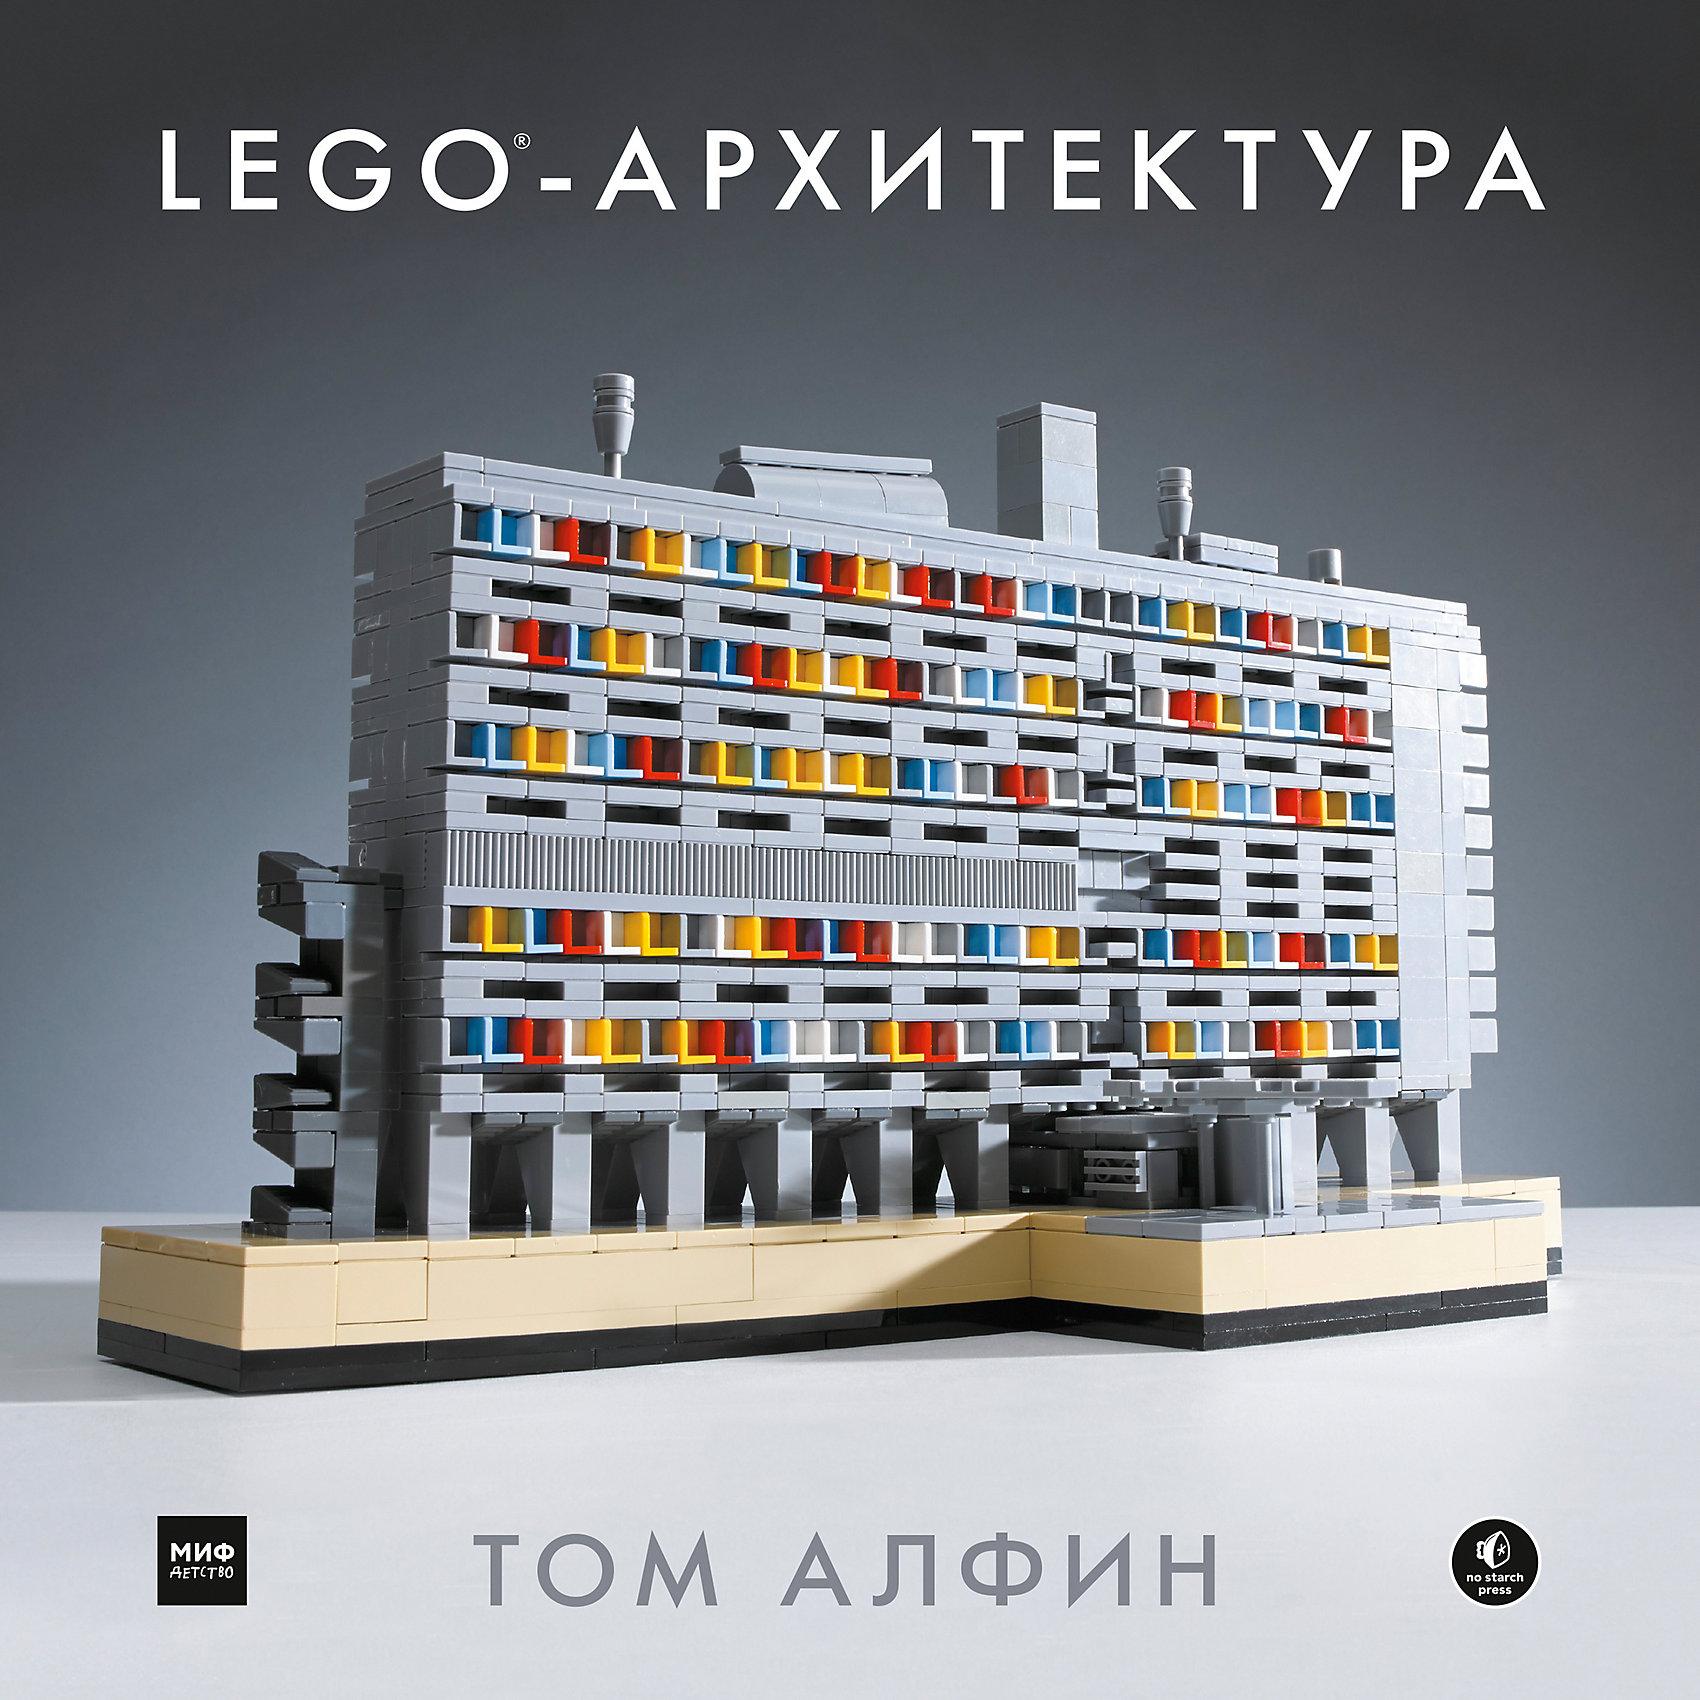 ЛЕГО-архитектураКнига об архитектурных стилях от классицизма до хай-тек. Фото зданий и их LEGO-моделей расскажут об архитектурном процессе и вдохновят читателя на создание своих проектов. Строить модели помогут инструкции и советы от автора и дизайнеров LEGO.<br><br>Ширина мм: 234<br>Глубина мм: 233<br>Высота мм: 19<br>Вес г: 968<br>Возраст от месяцев: 84<br>Возраст до месяцев: 144<br>Пол: Унисекс<br>Возраст: Детский<br>SKU: 5098445